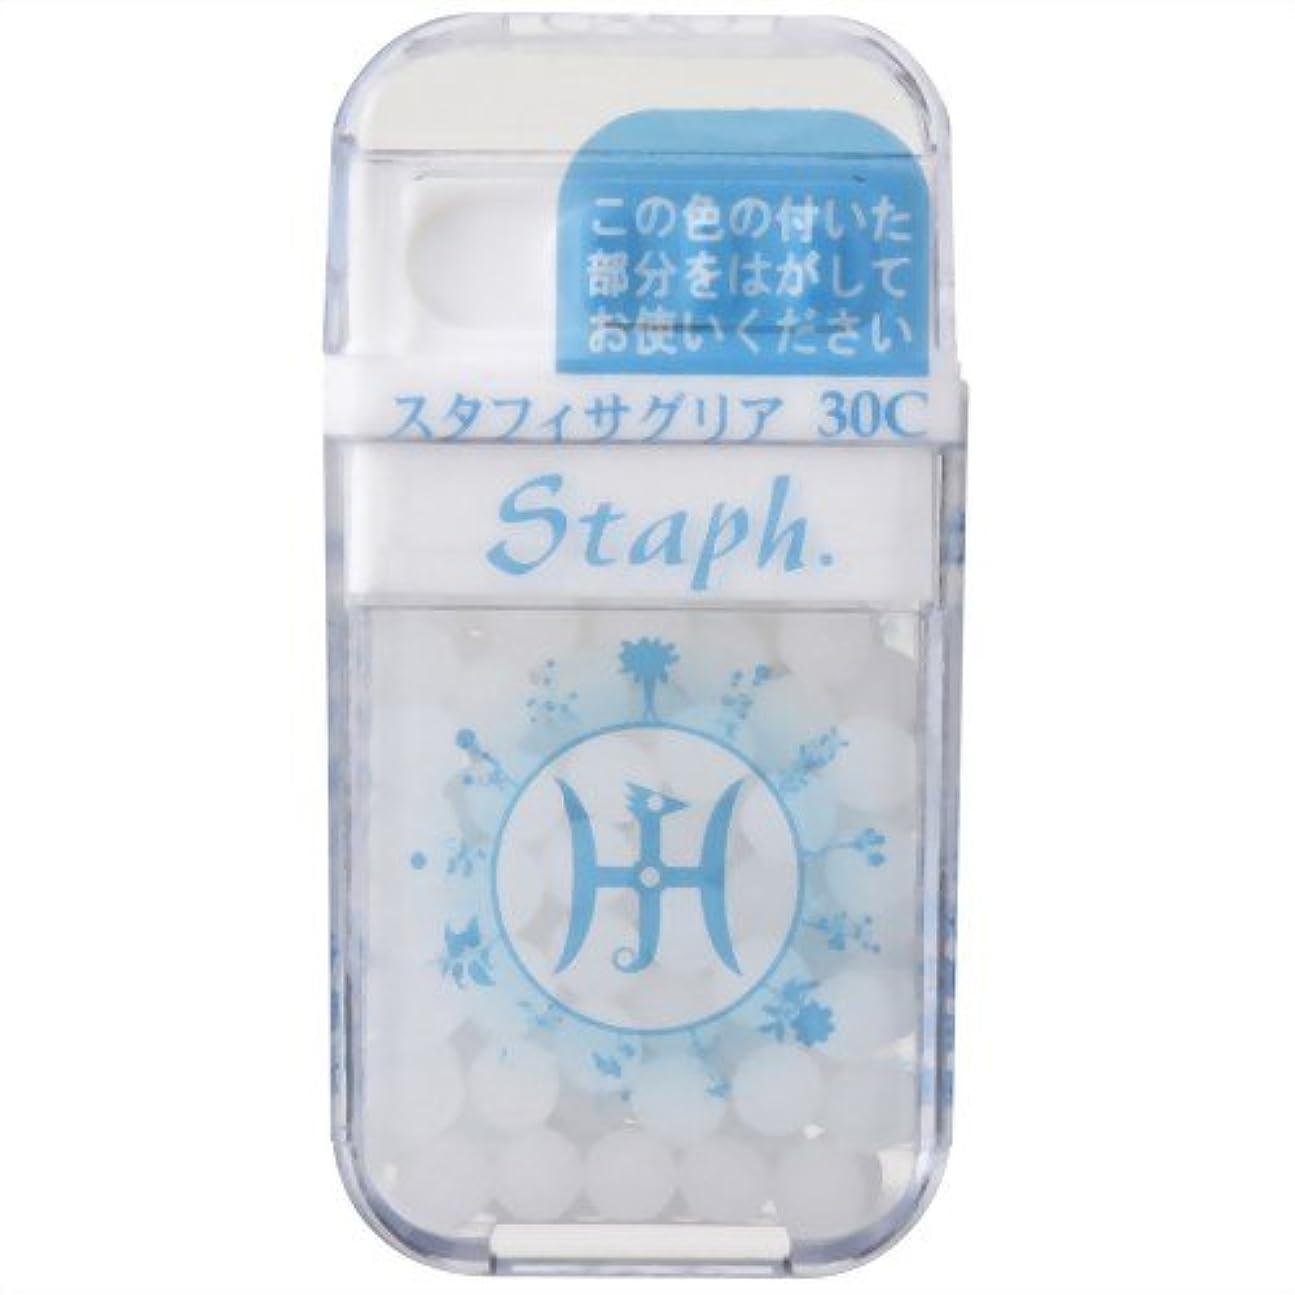 鉄重要クリケットホメオパシージャパンレメディー Staph.  スタフィサグリア 30C (大ビン)